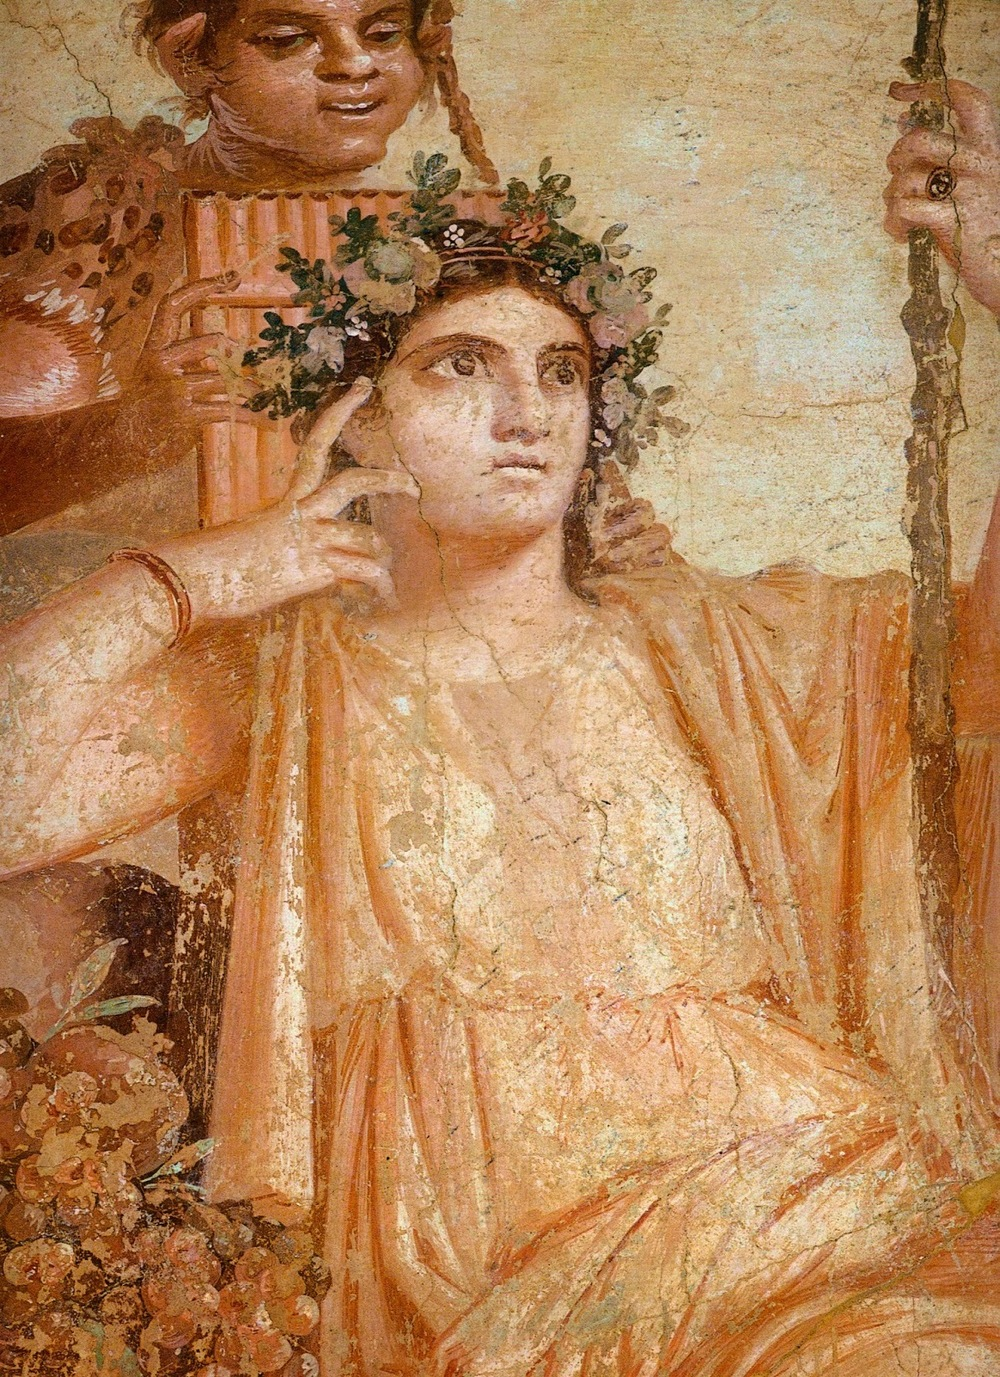 Frescoe in Herculaneum